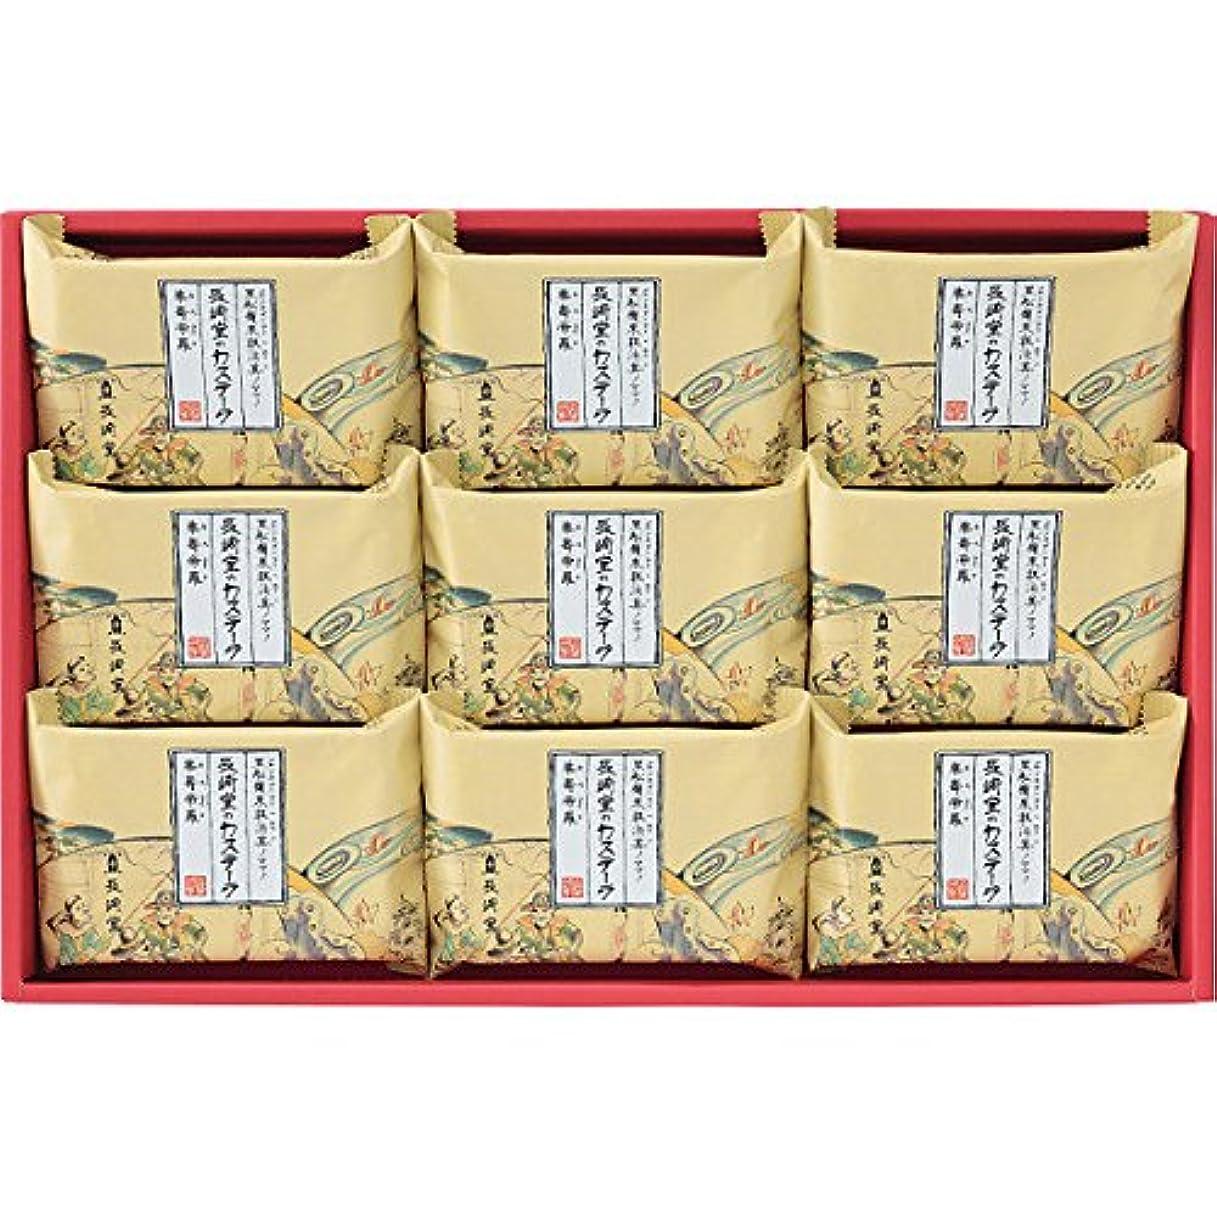 失わがままネズミ長堂 カステラ 和菓子 セット 詰め合わせ 長崎堂 ひときれカステーラ(9個)